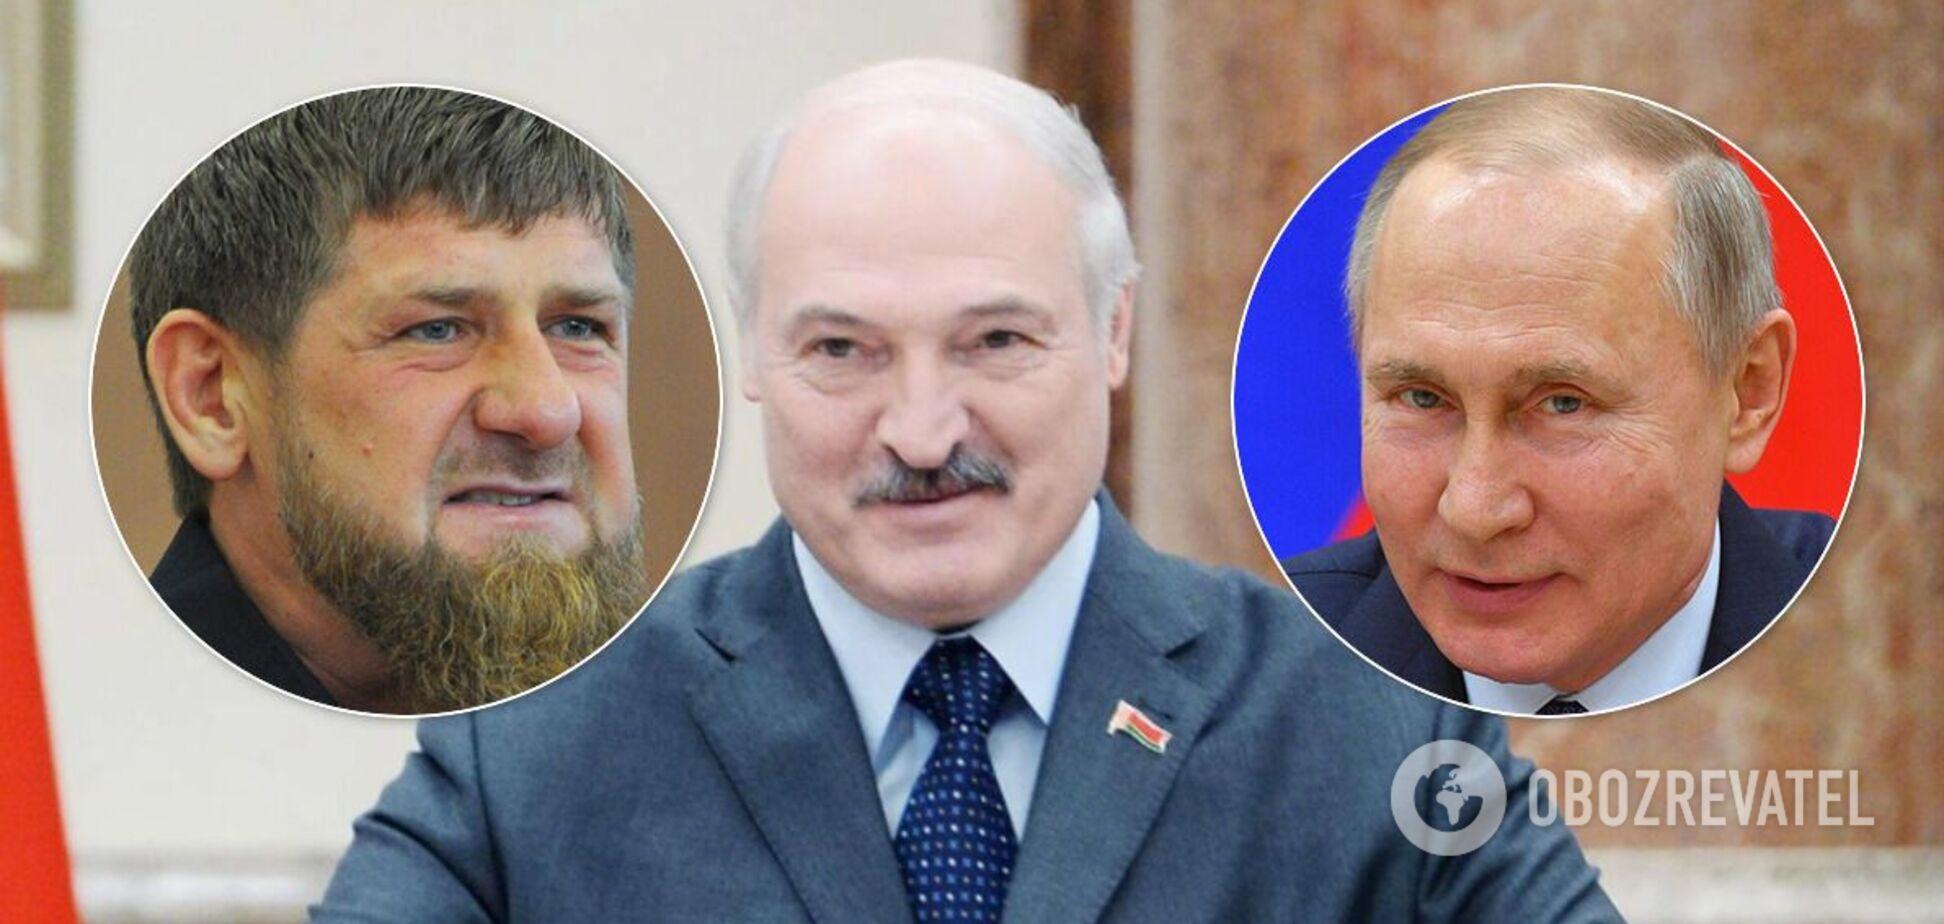 Хто і як уже привітав Лукашенка з перемогою на виборах